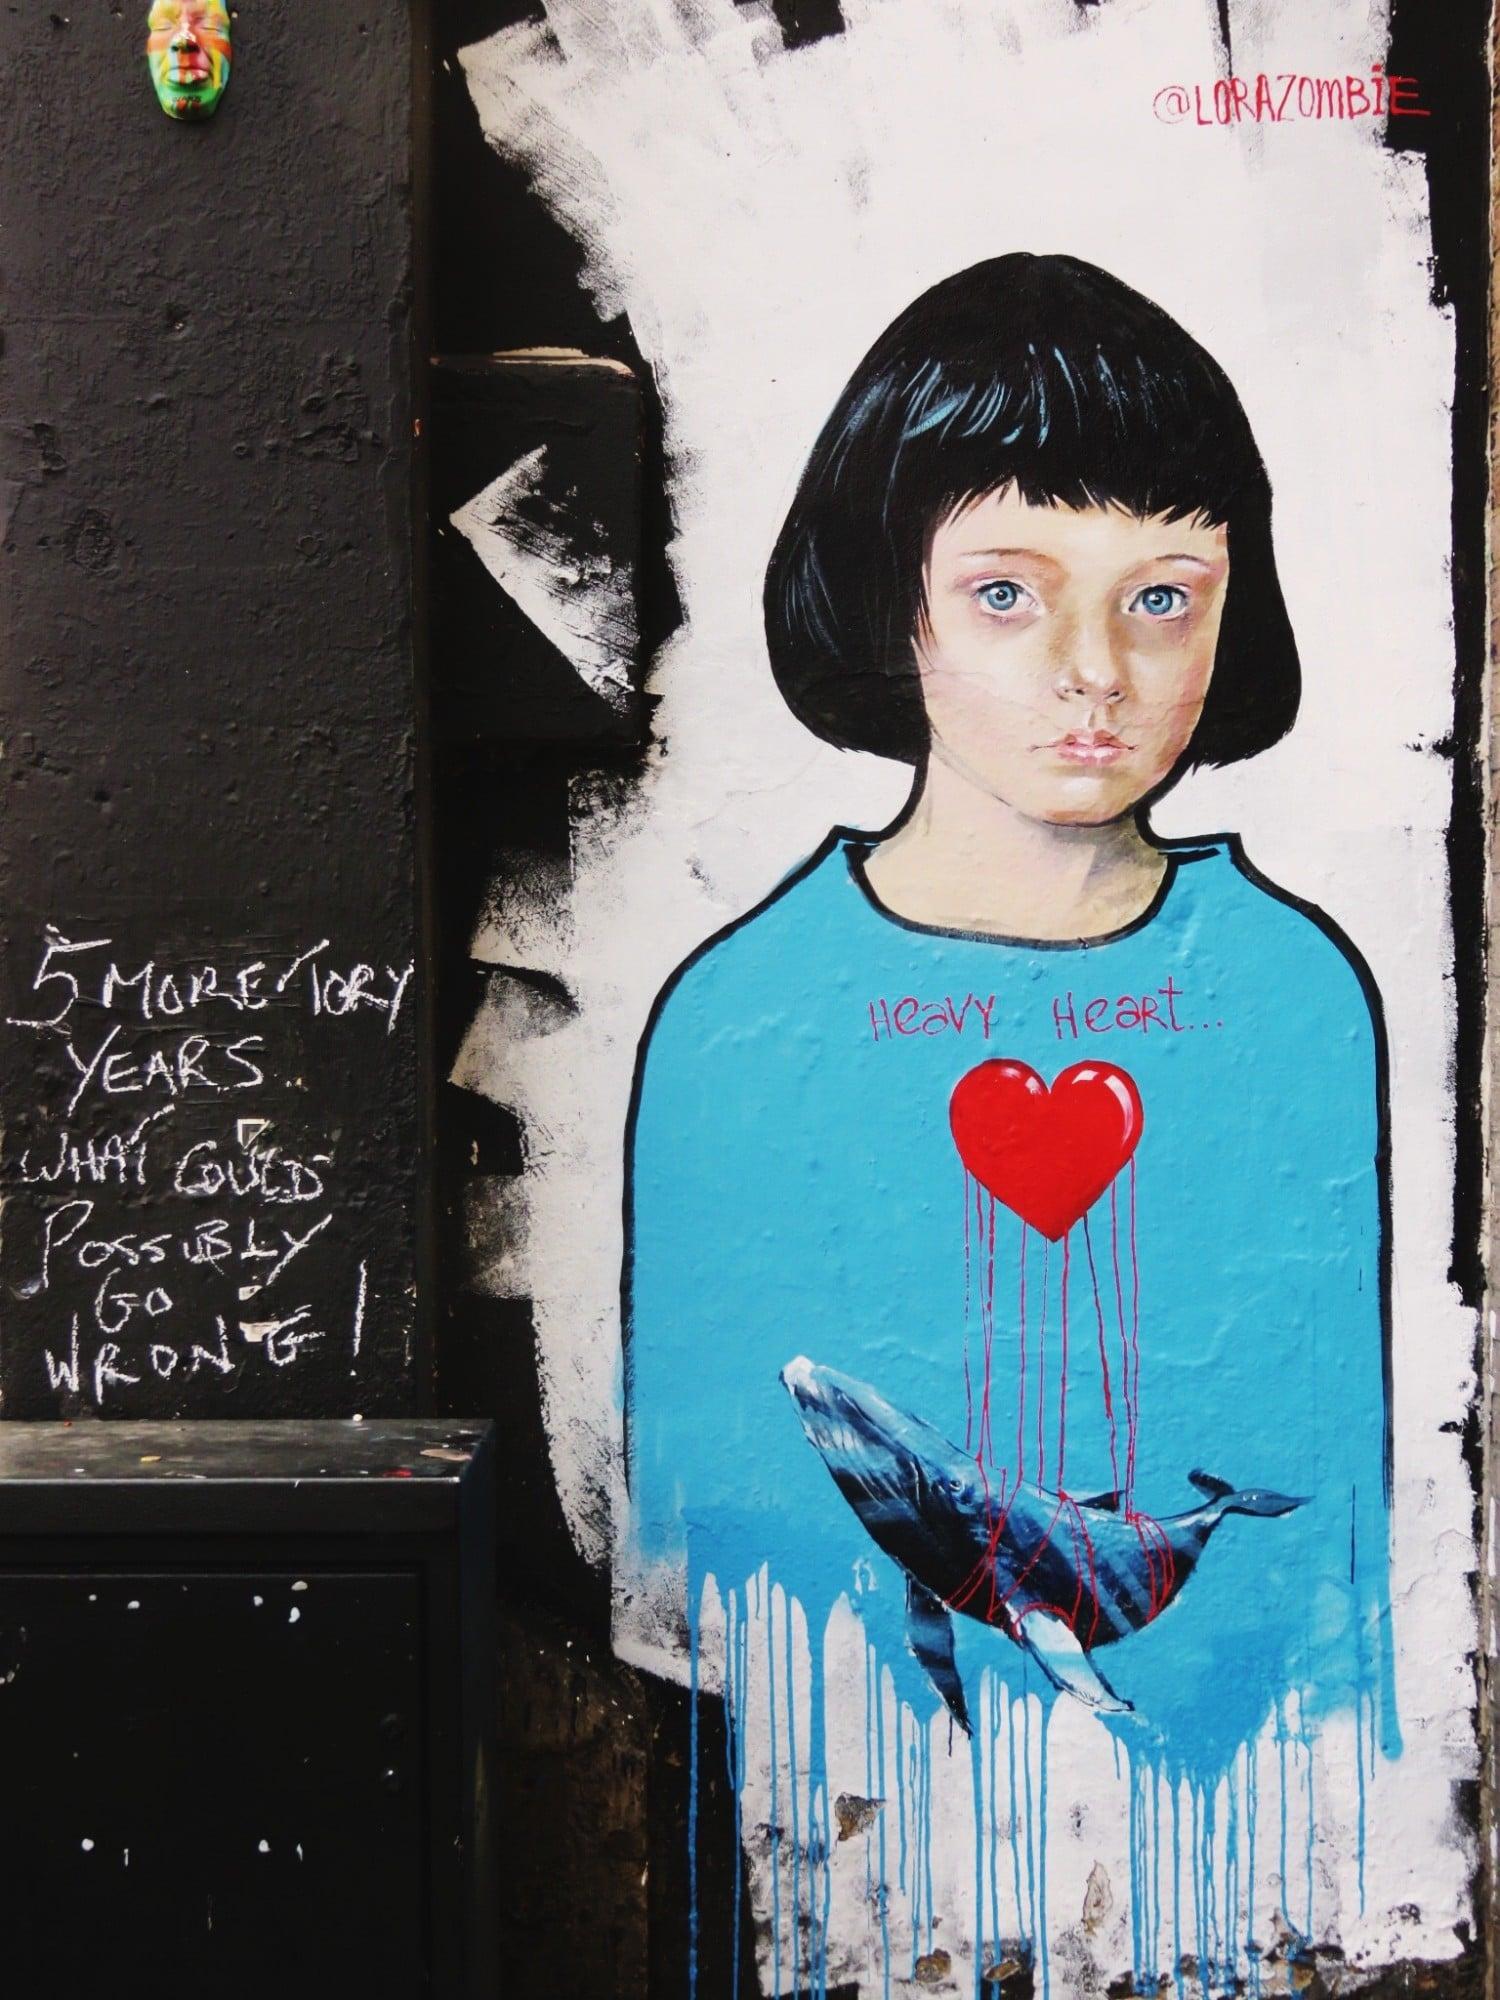 Lora Zombie - Heavy Heart - Camden